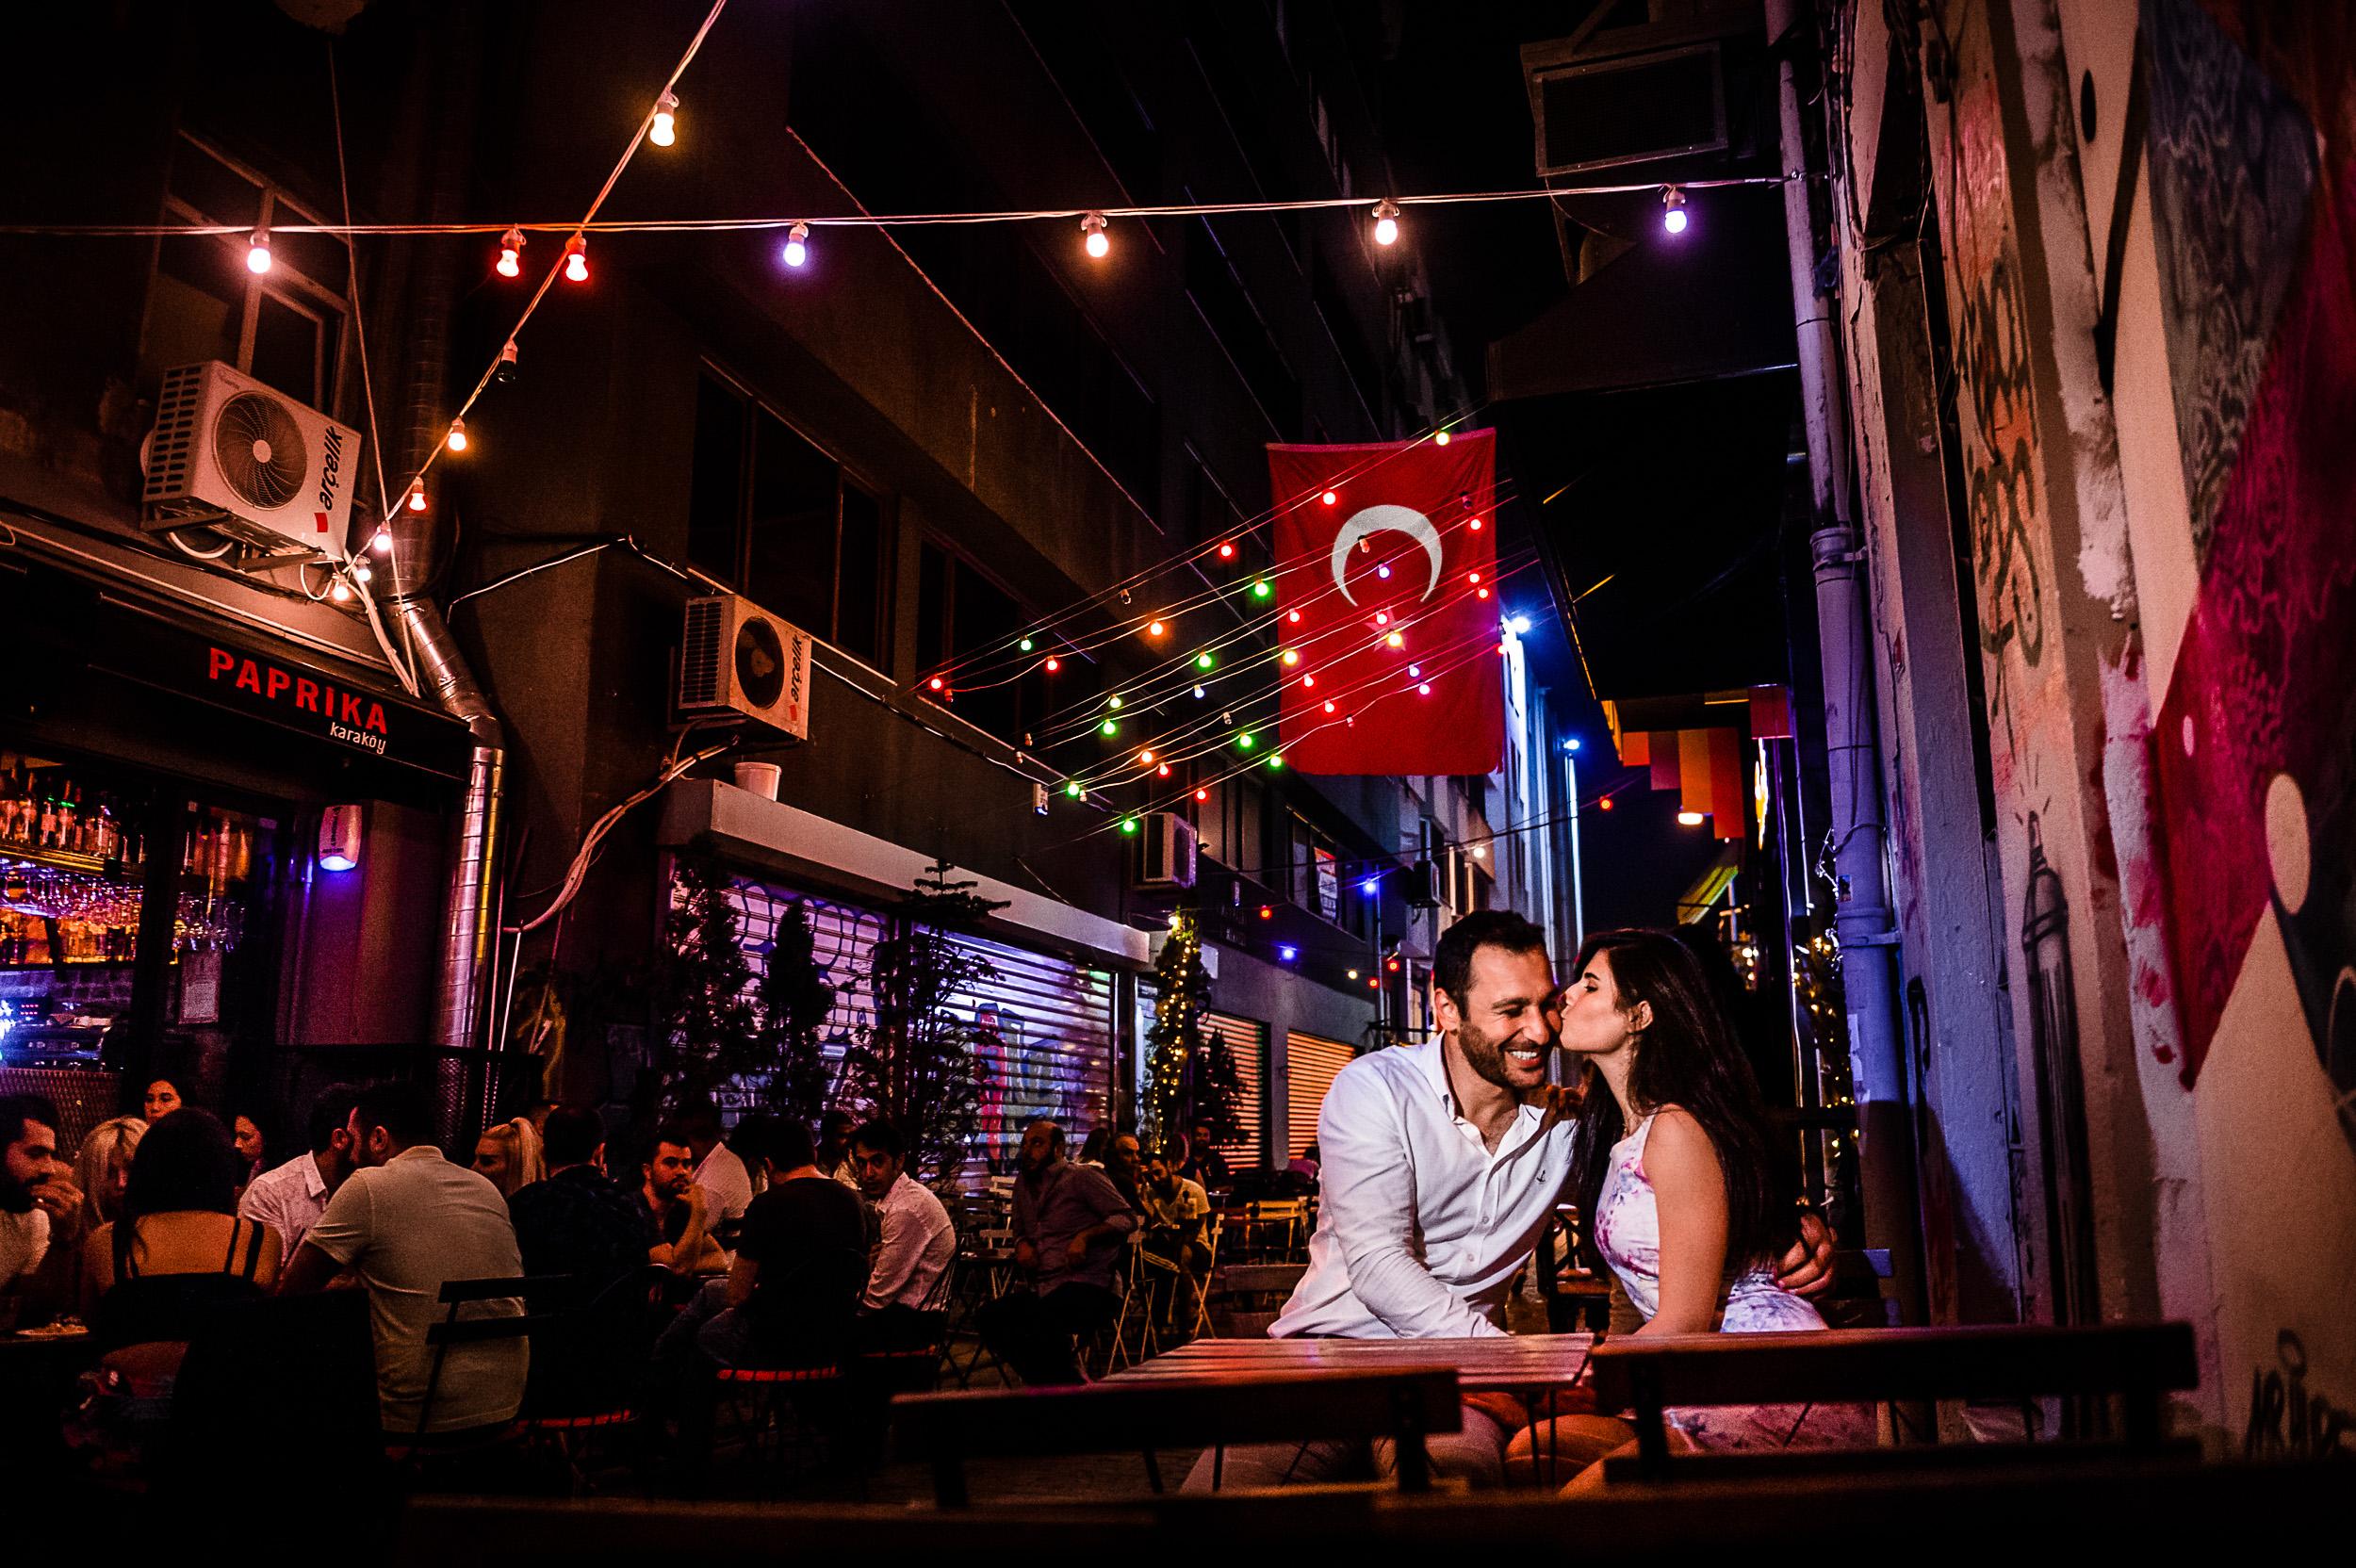 Erinç + Resat  Istanbul, Turkey